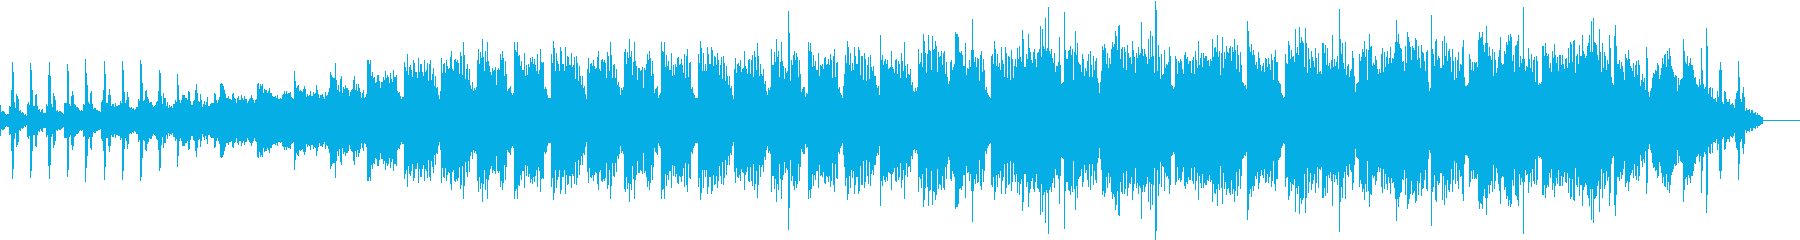 不協和音、不安、ギャップ、カットの再生済みの波形